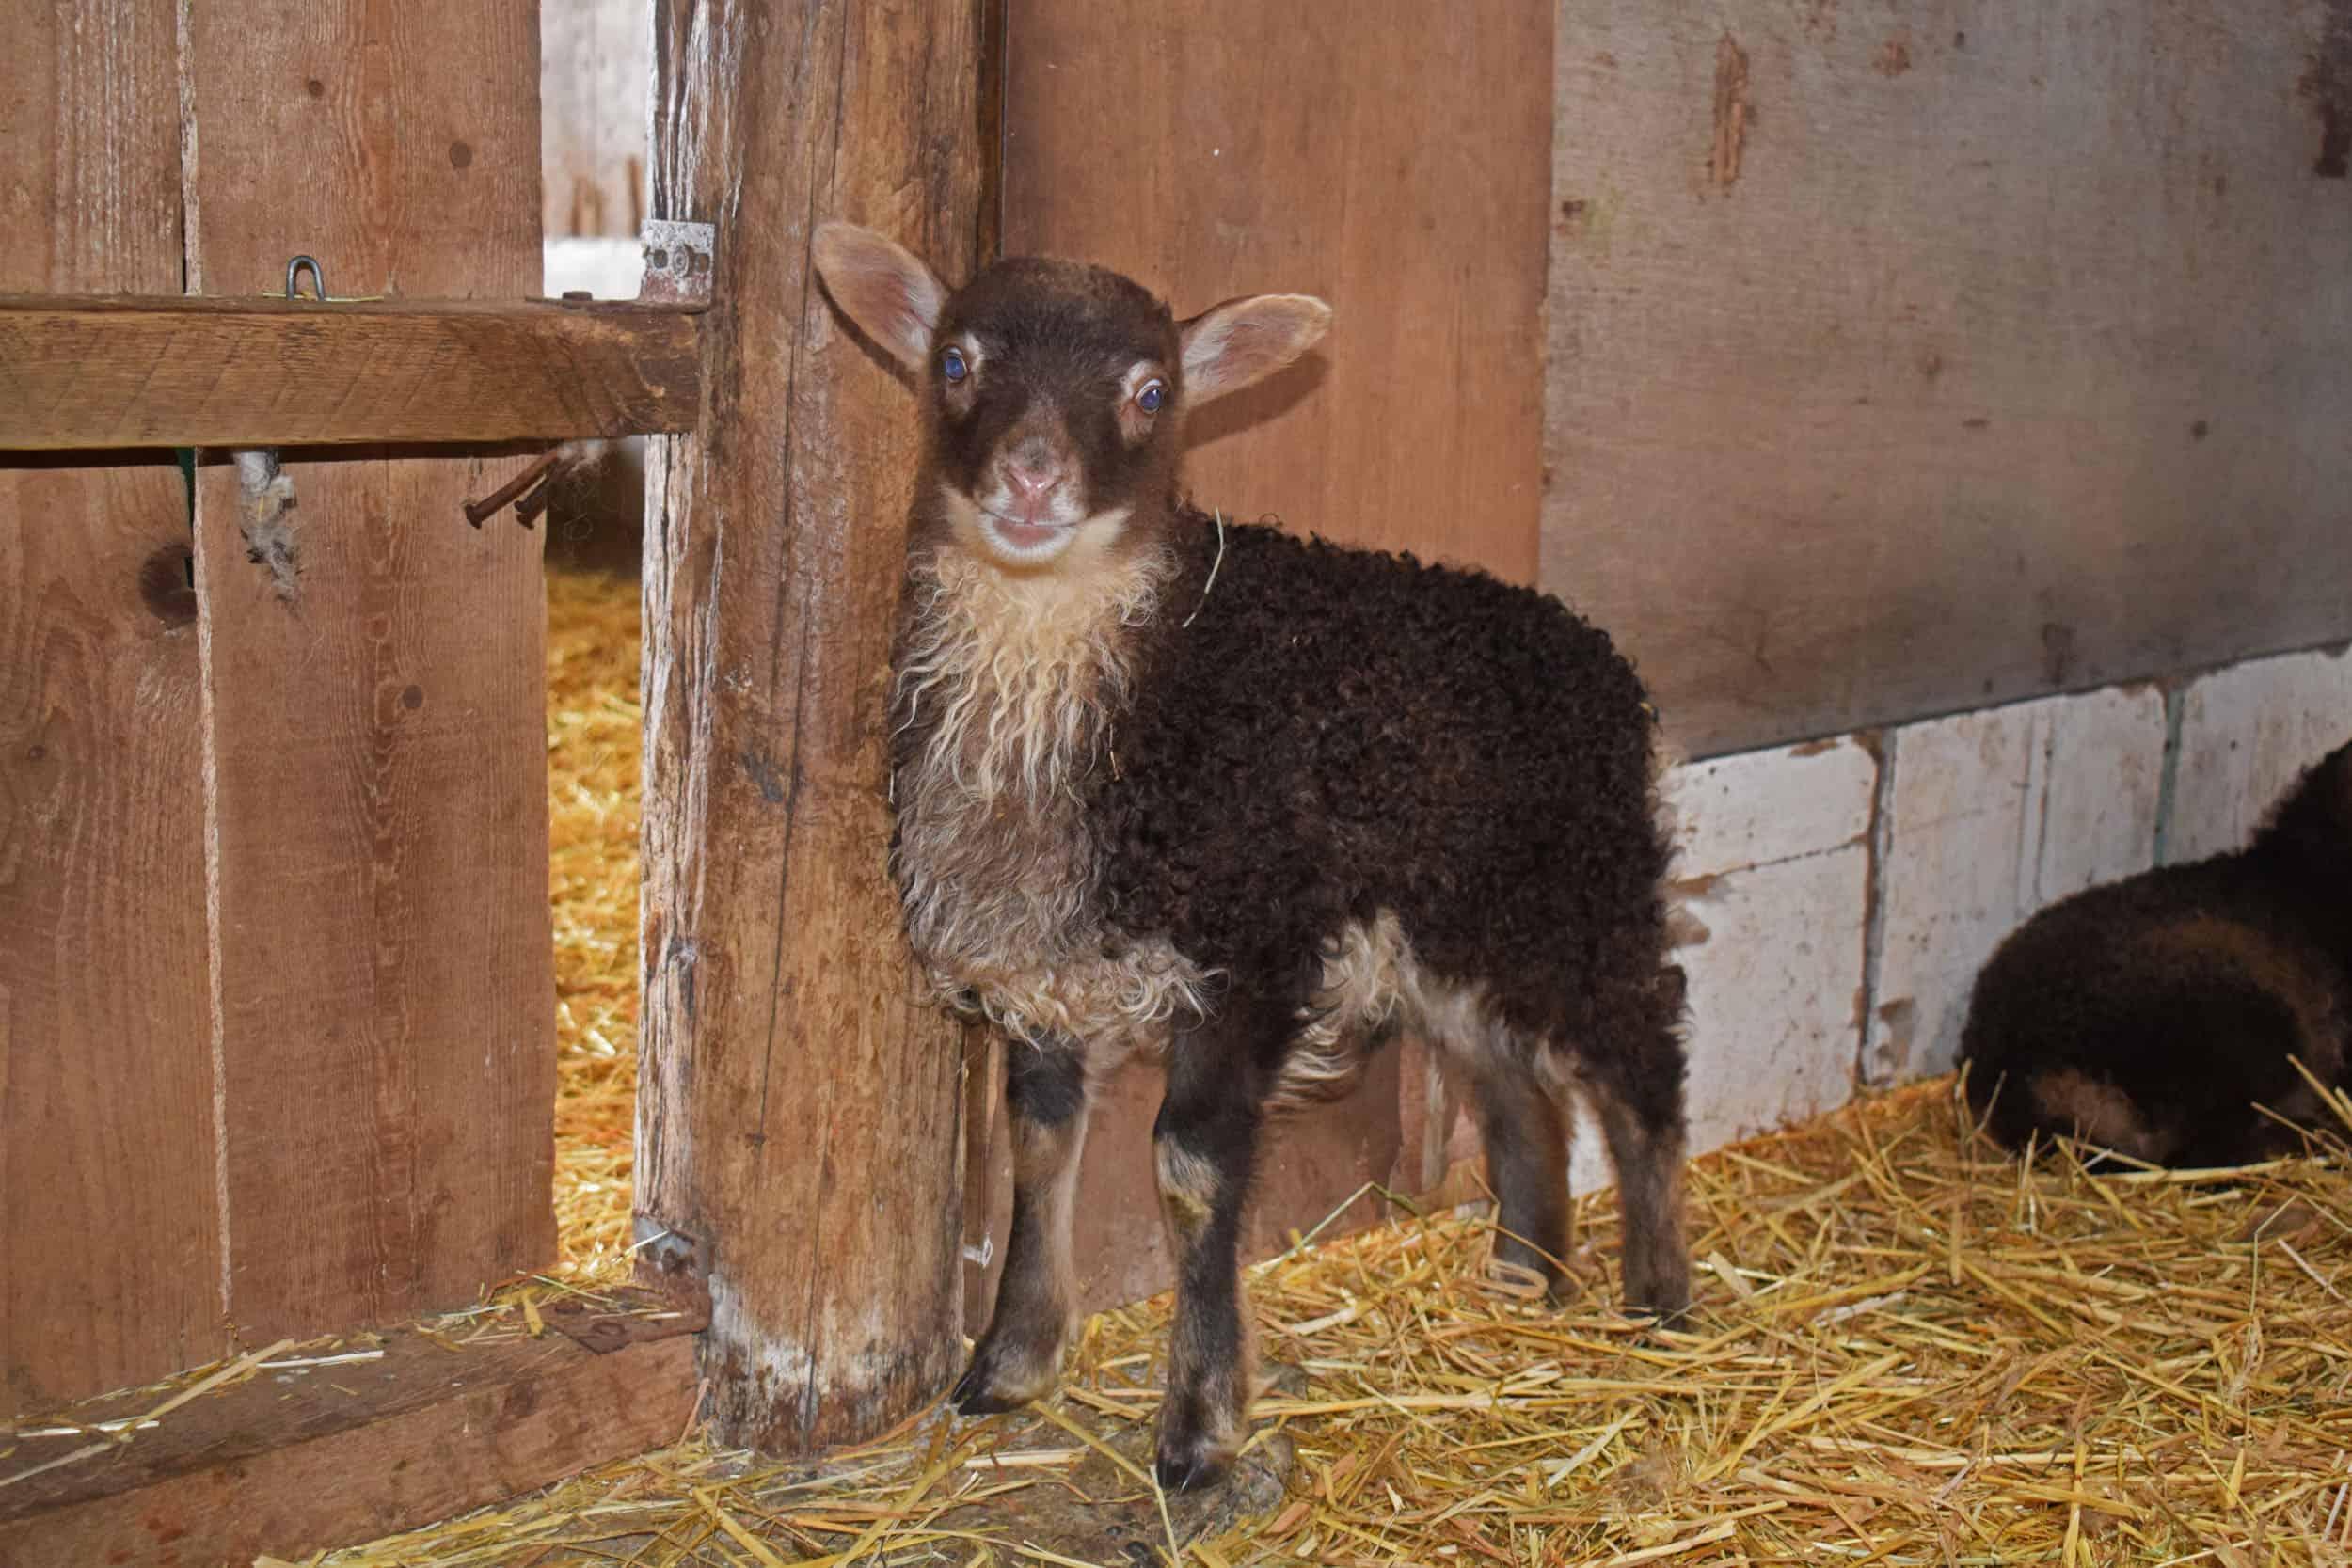 moorit mouflon lamb